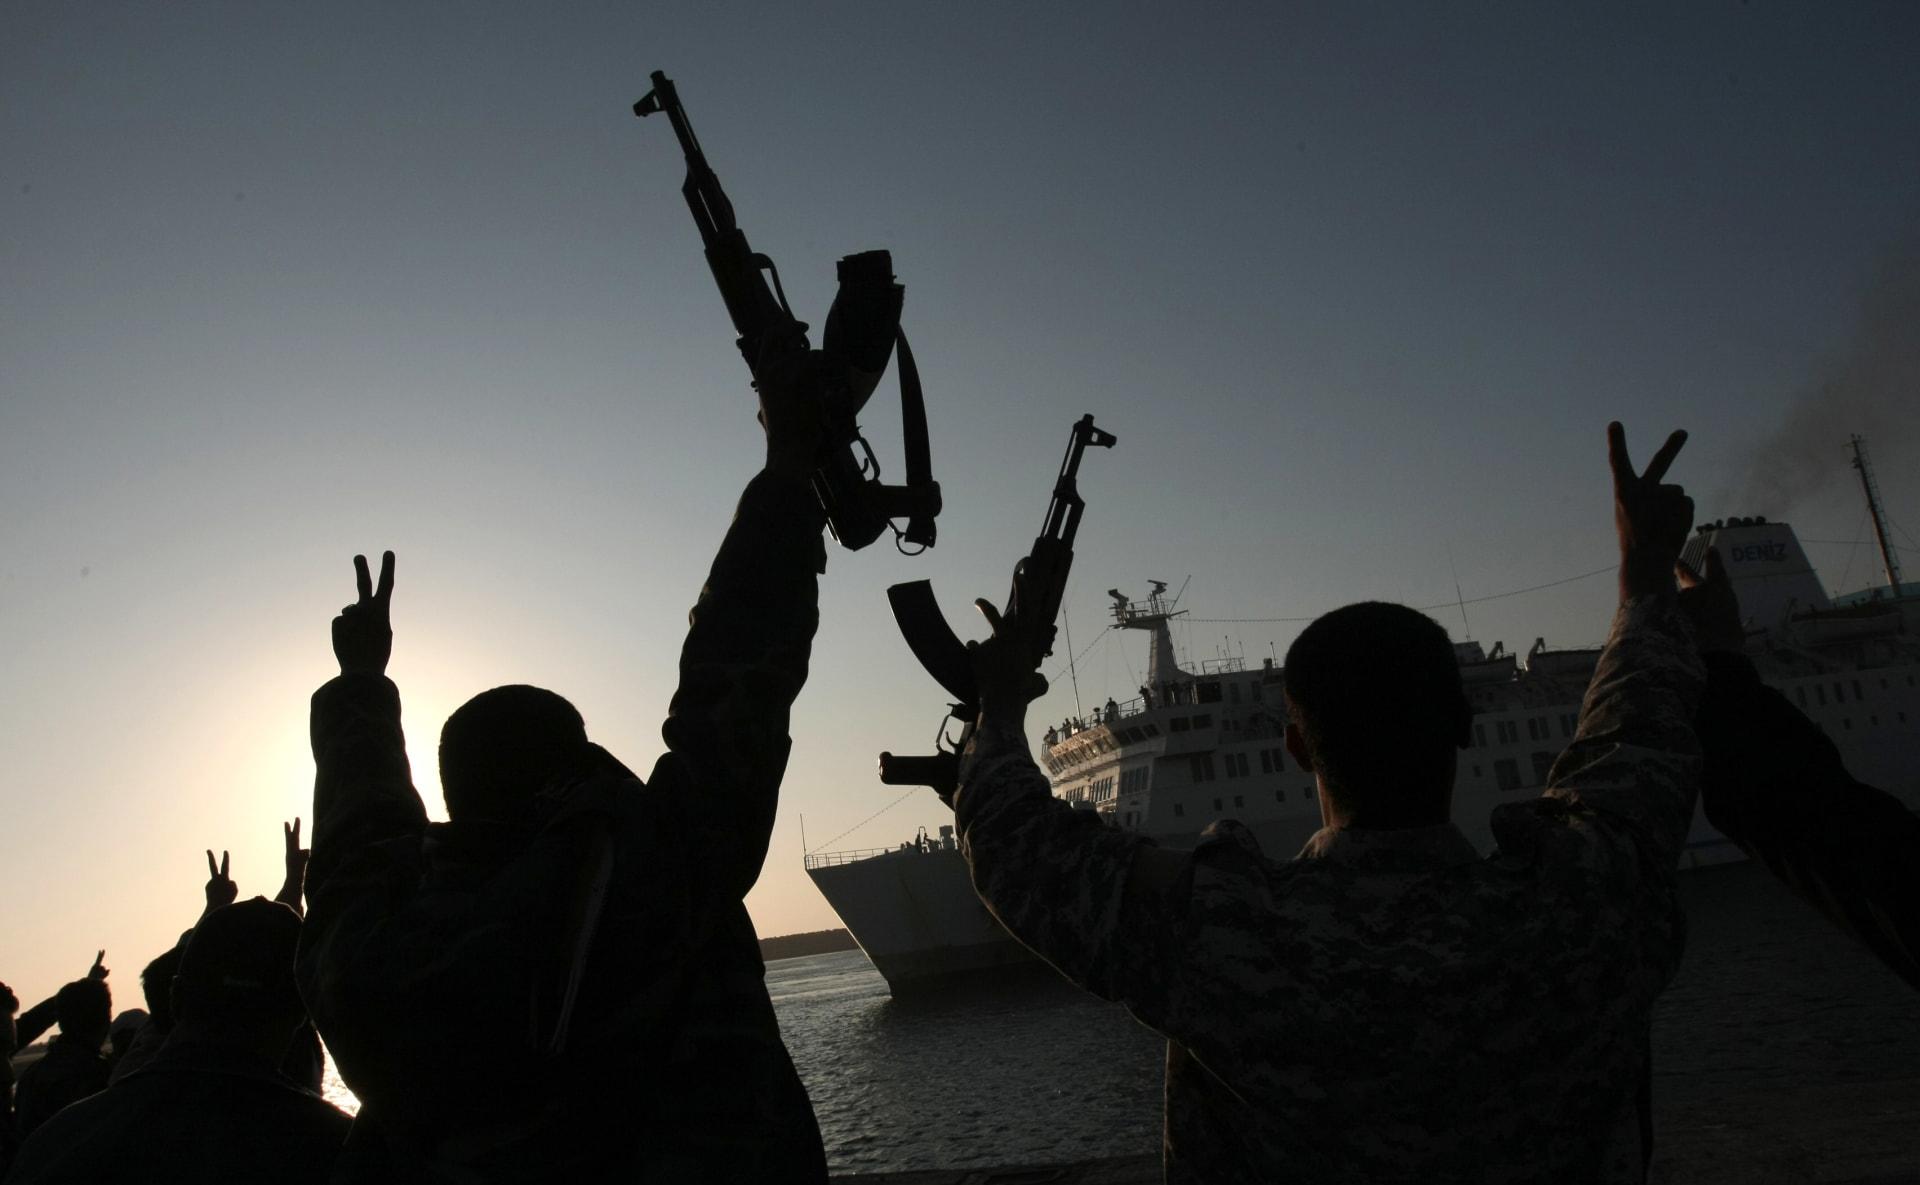 """روسيا تهاجم إرسال مرتزقة من سوريا وليبيا إلى """"قره باغ"""".. وتوجه رسالة لقادة """"الدول المعنية"""""""